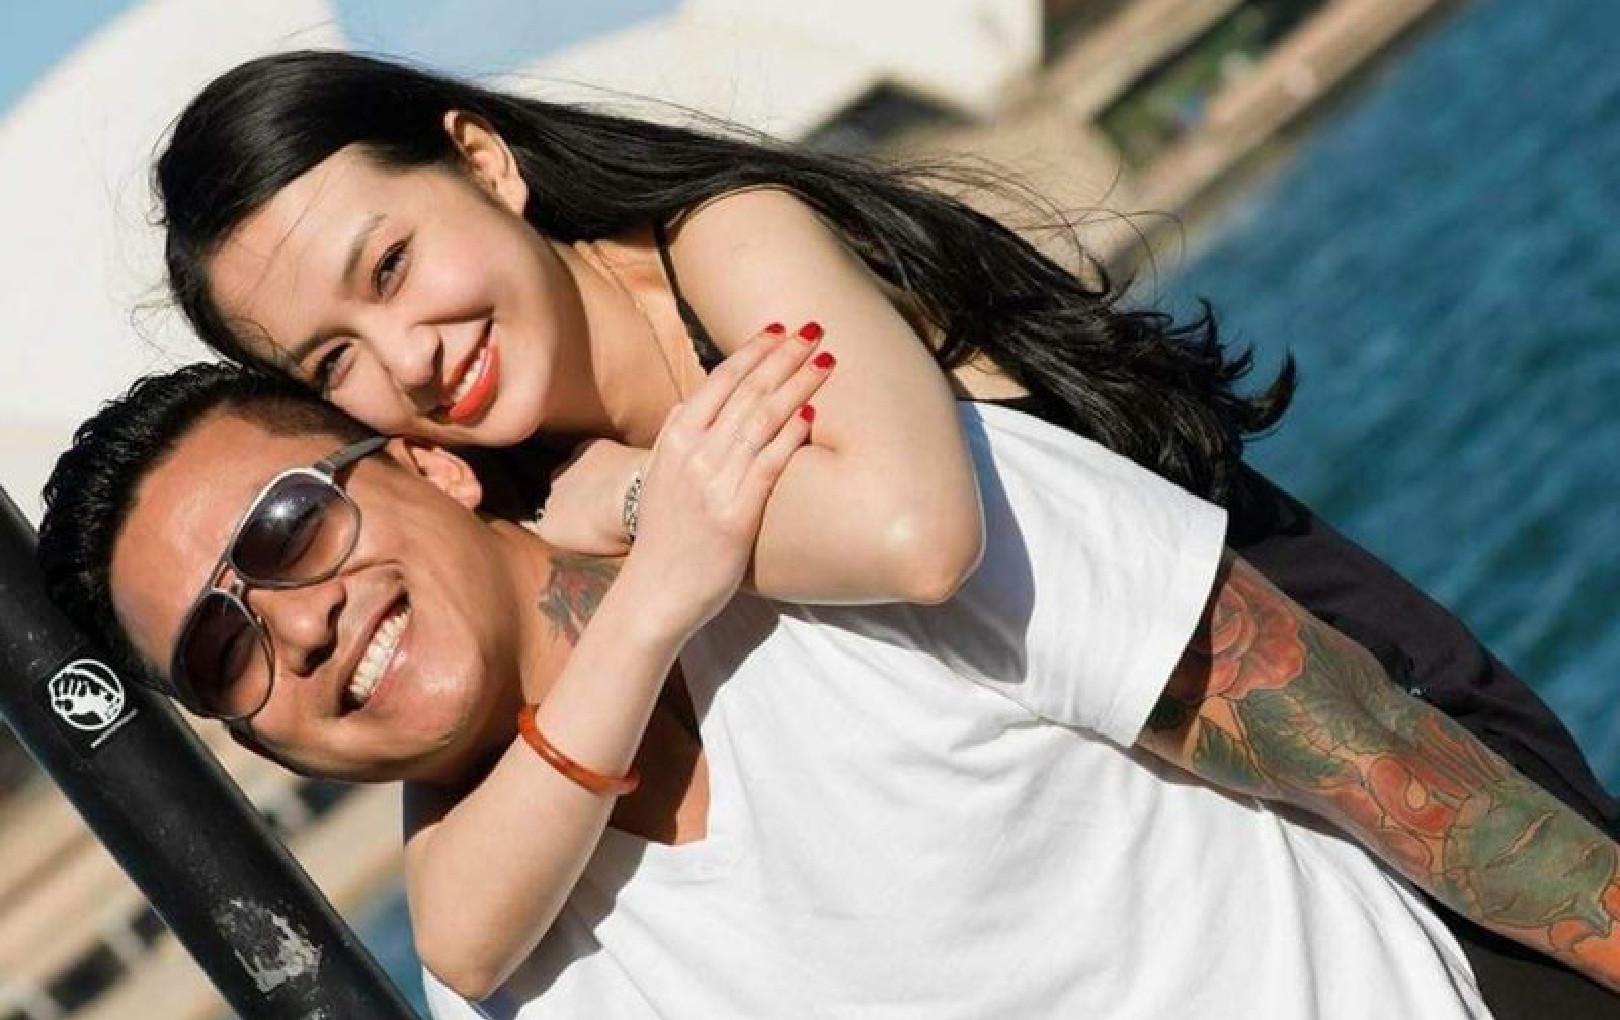 """Liên tục bị đồn đoán hôn nhân trục trặc, Tuấn Hưng viết """"tâm thư"""" gửi vợ khiến nhiều người ngưỡng mộ"""